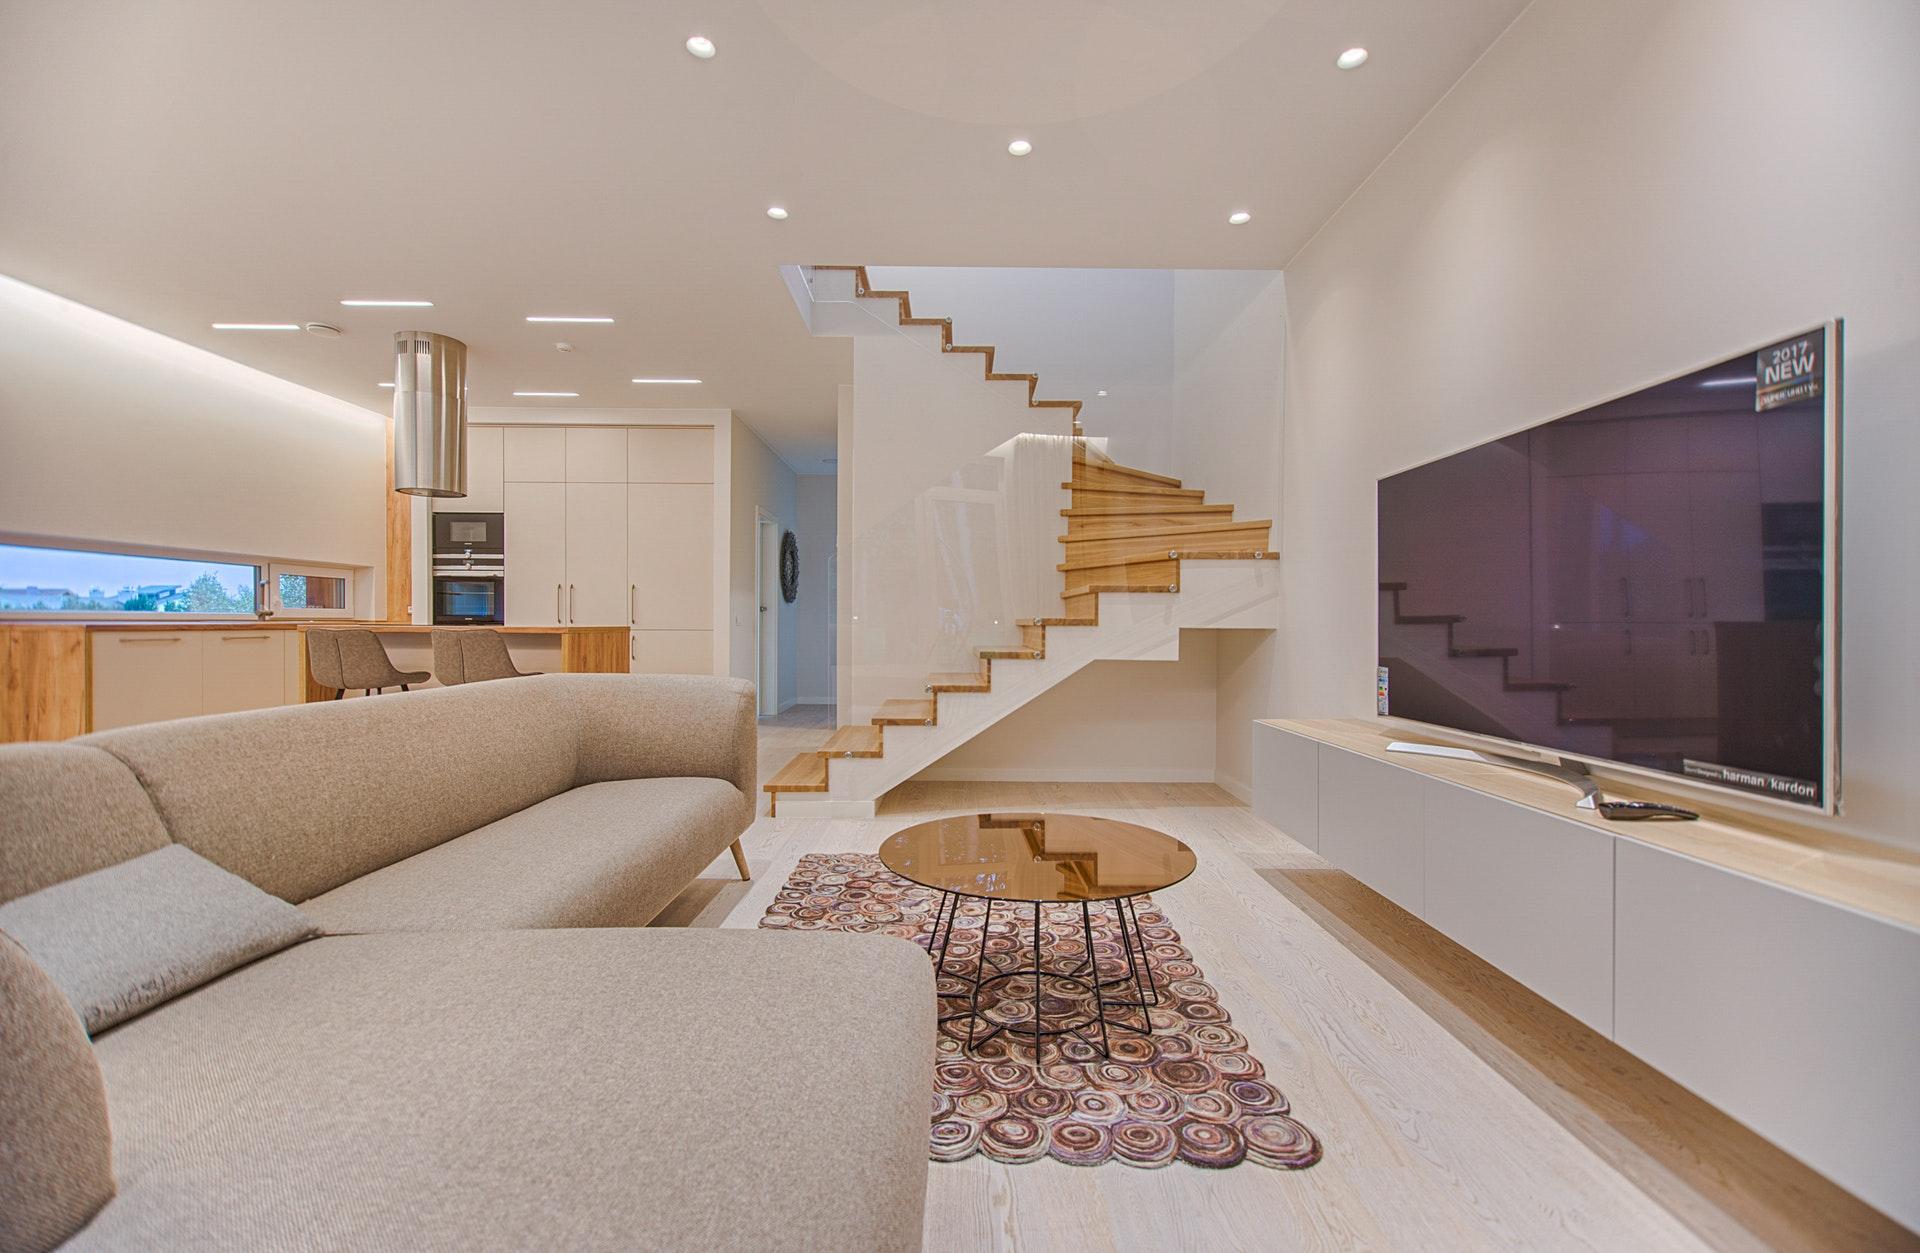 tágas nappali bézs fehér lépcsővel